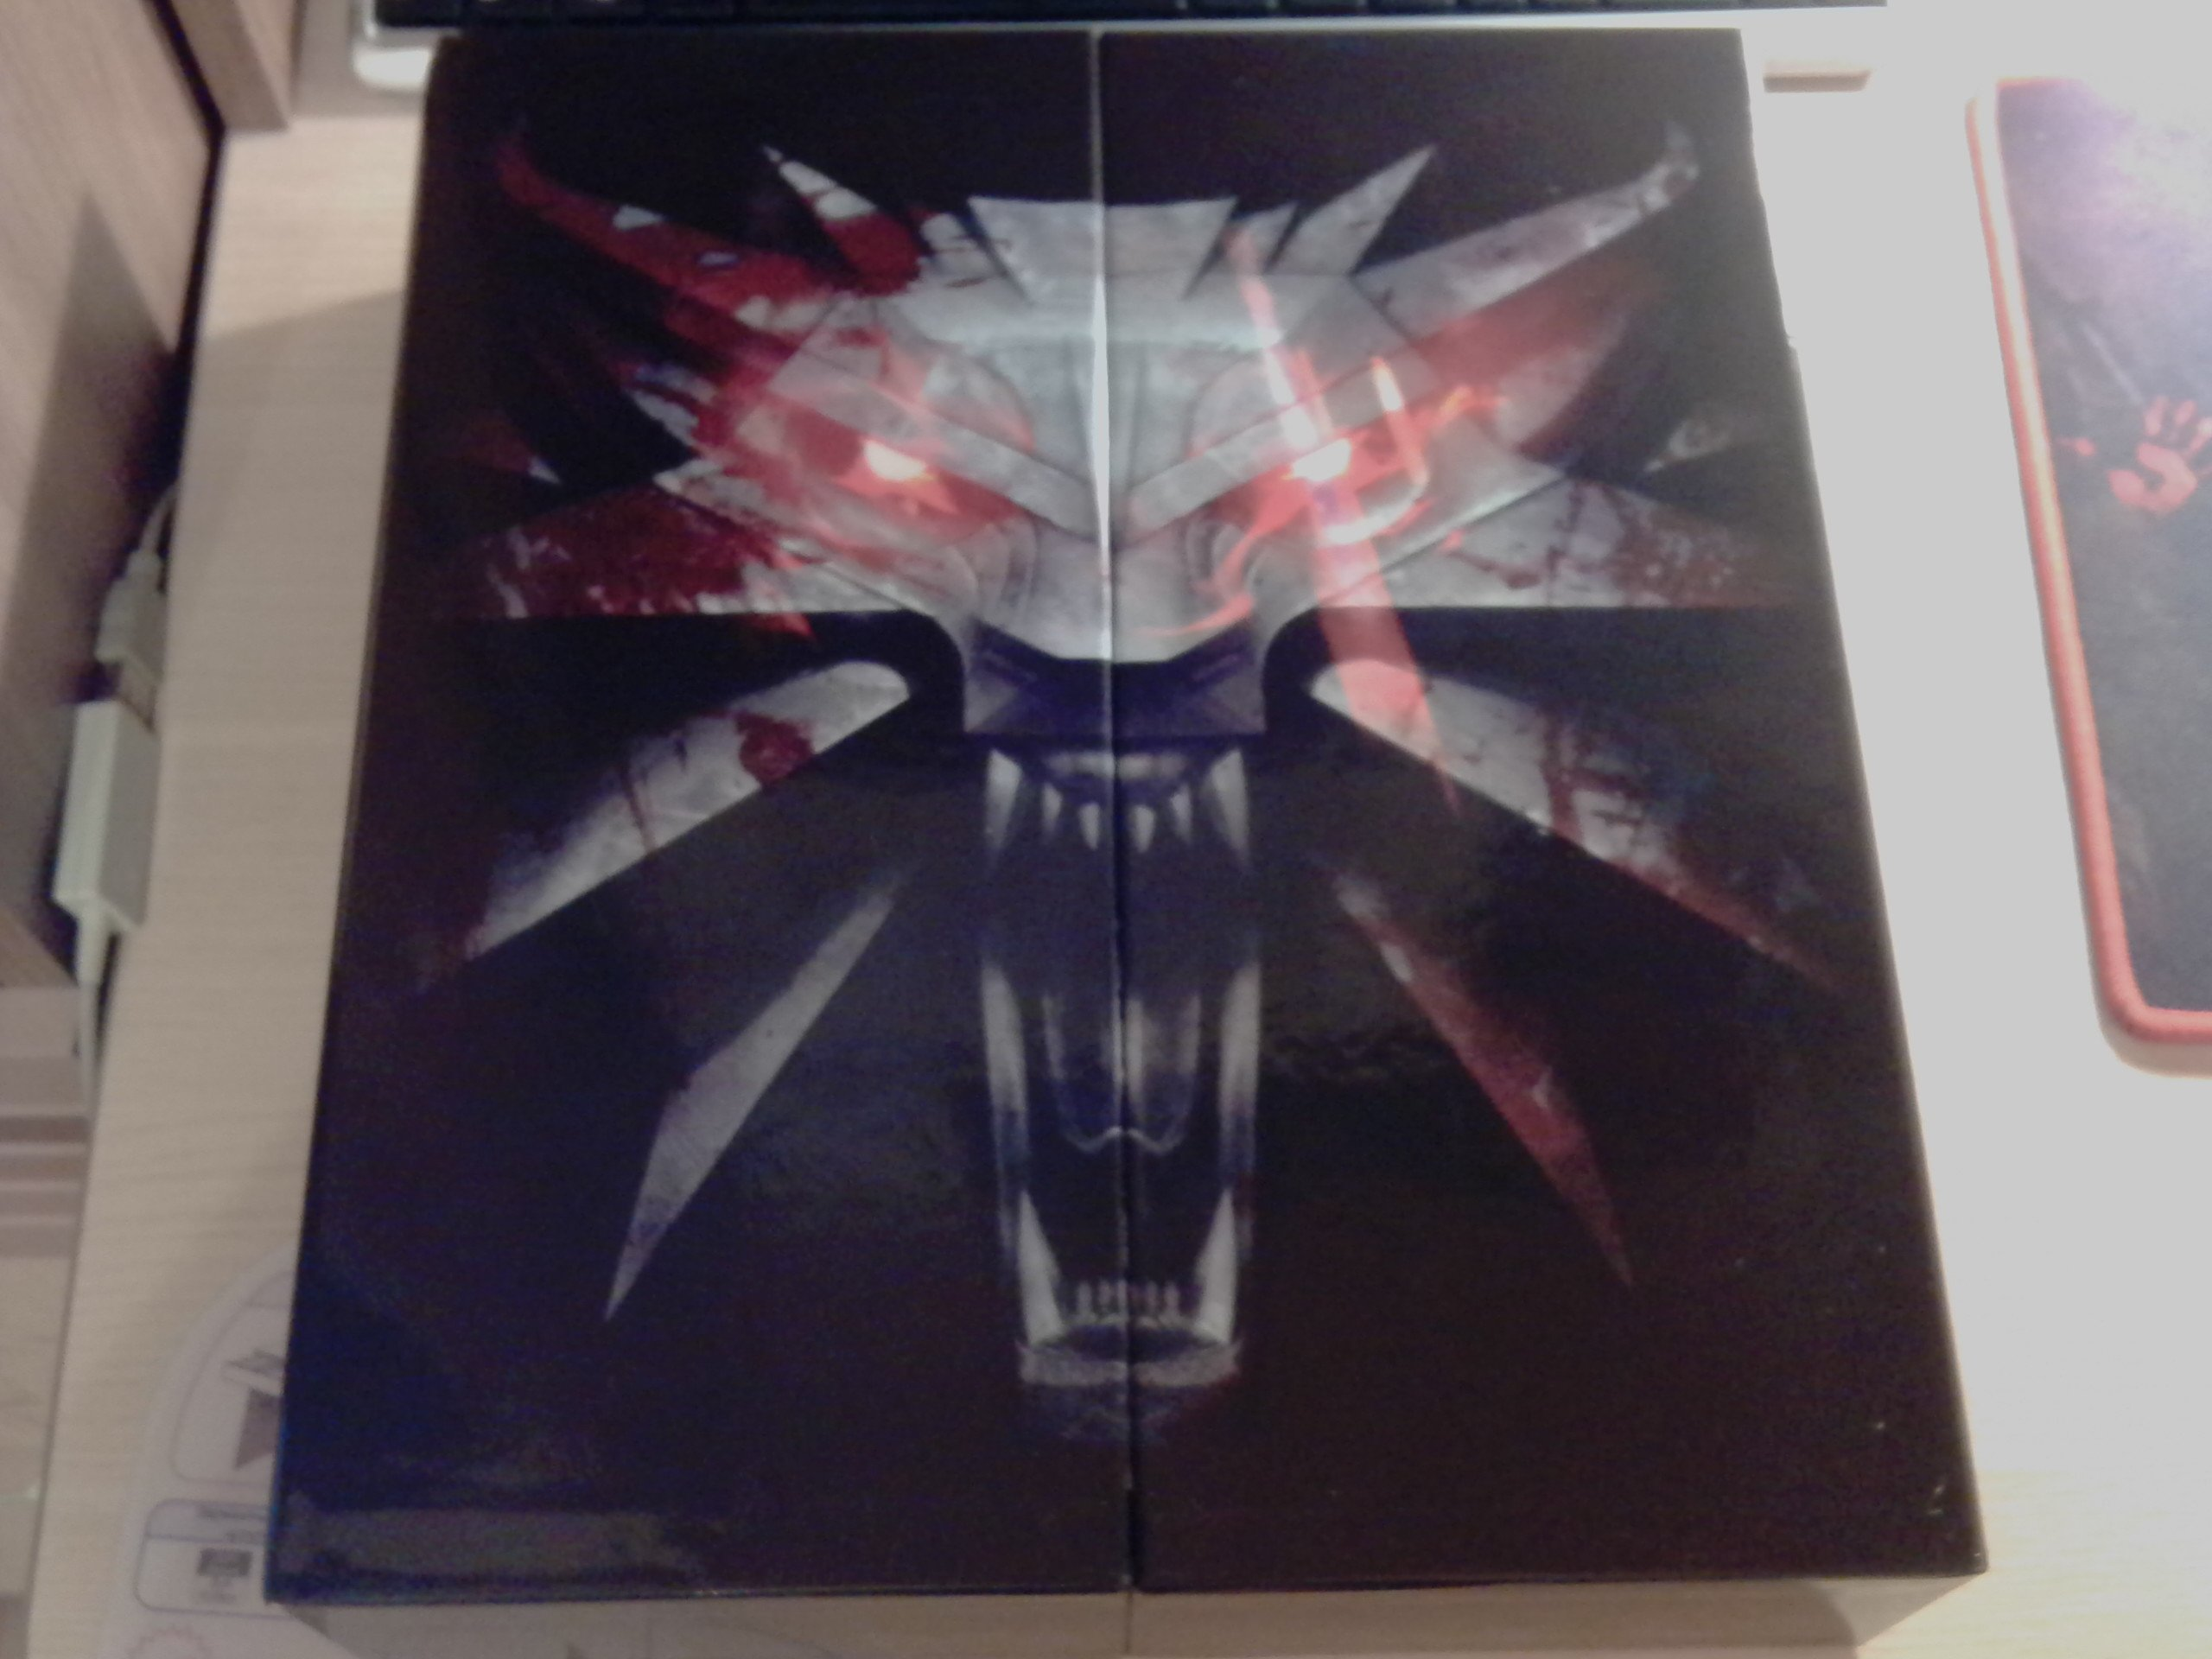 The Witcher 3: Wild Hunt. Распаковка коллекционного издания игры!     После долгого и томительного ожидания, сквозь  ... - Изображение 5